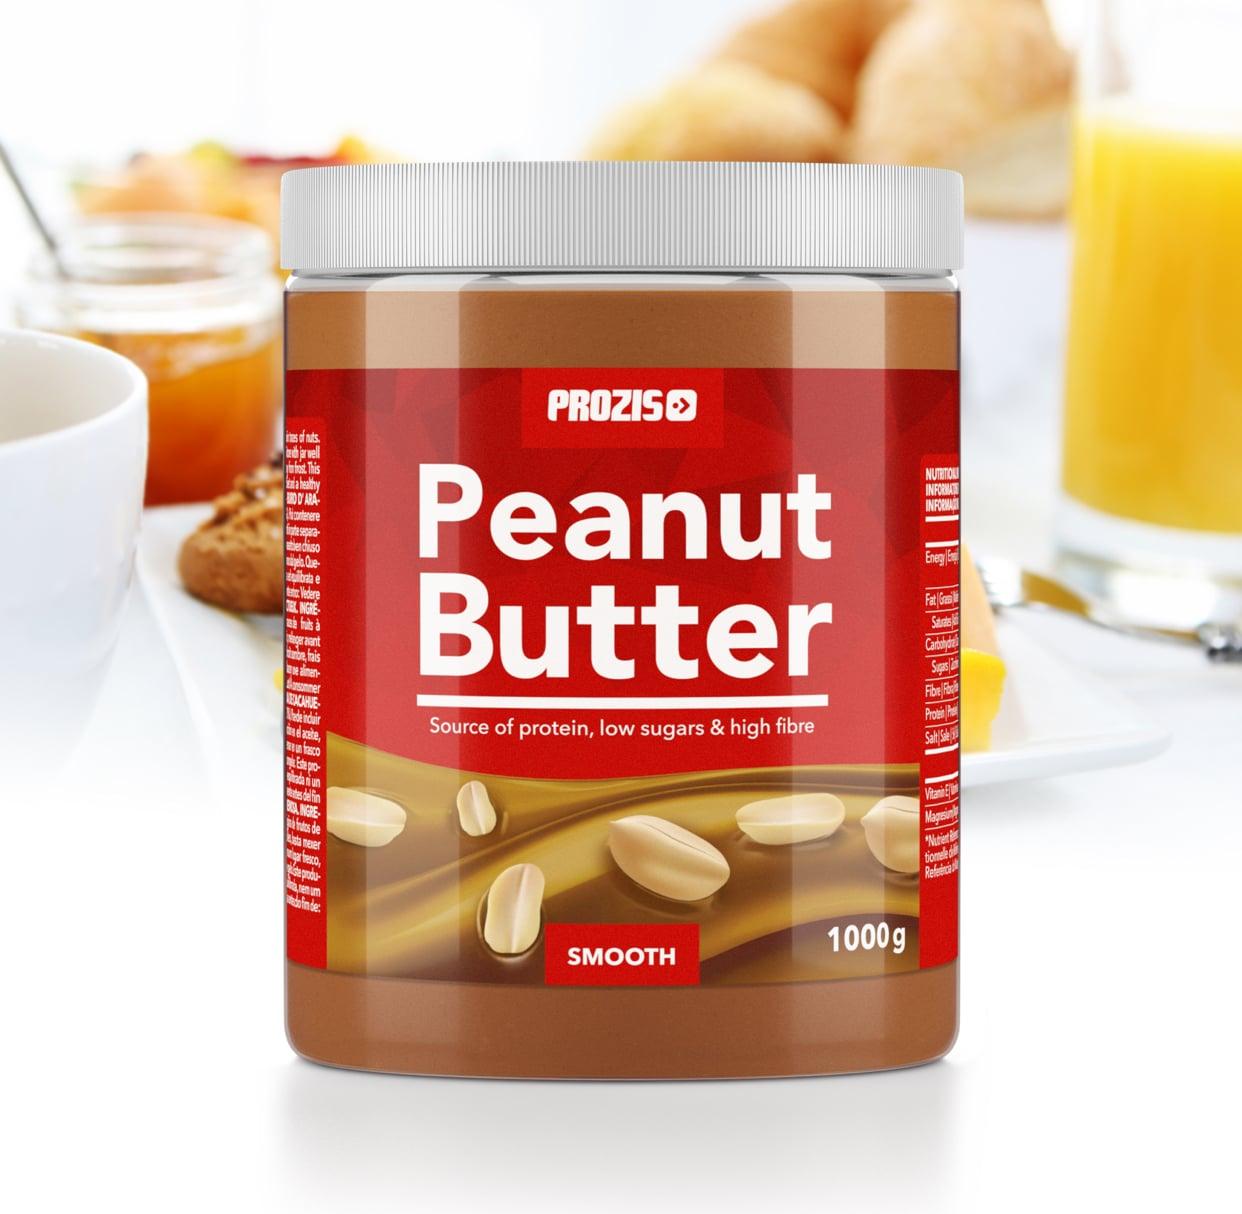 receitas com manteiga de amendoim prozis, receita manteiga de amendoim